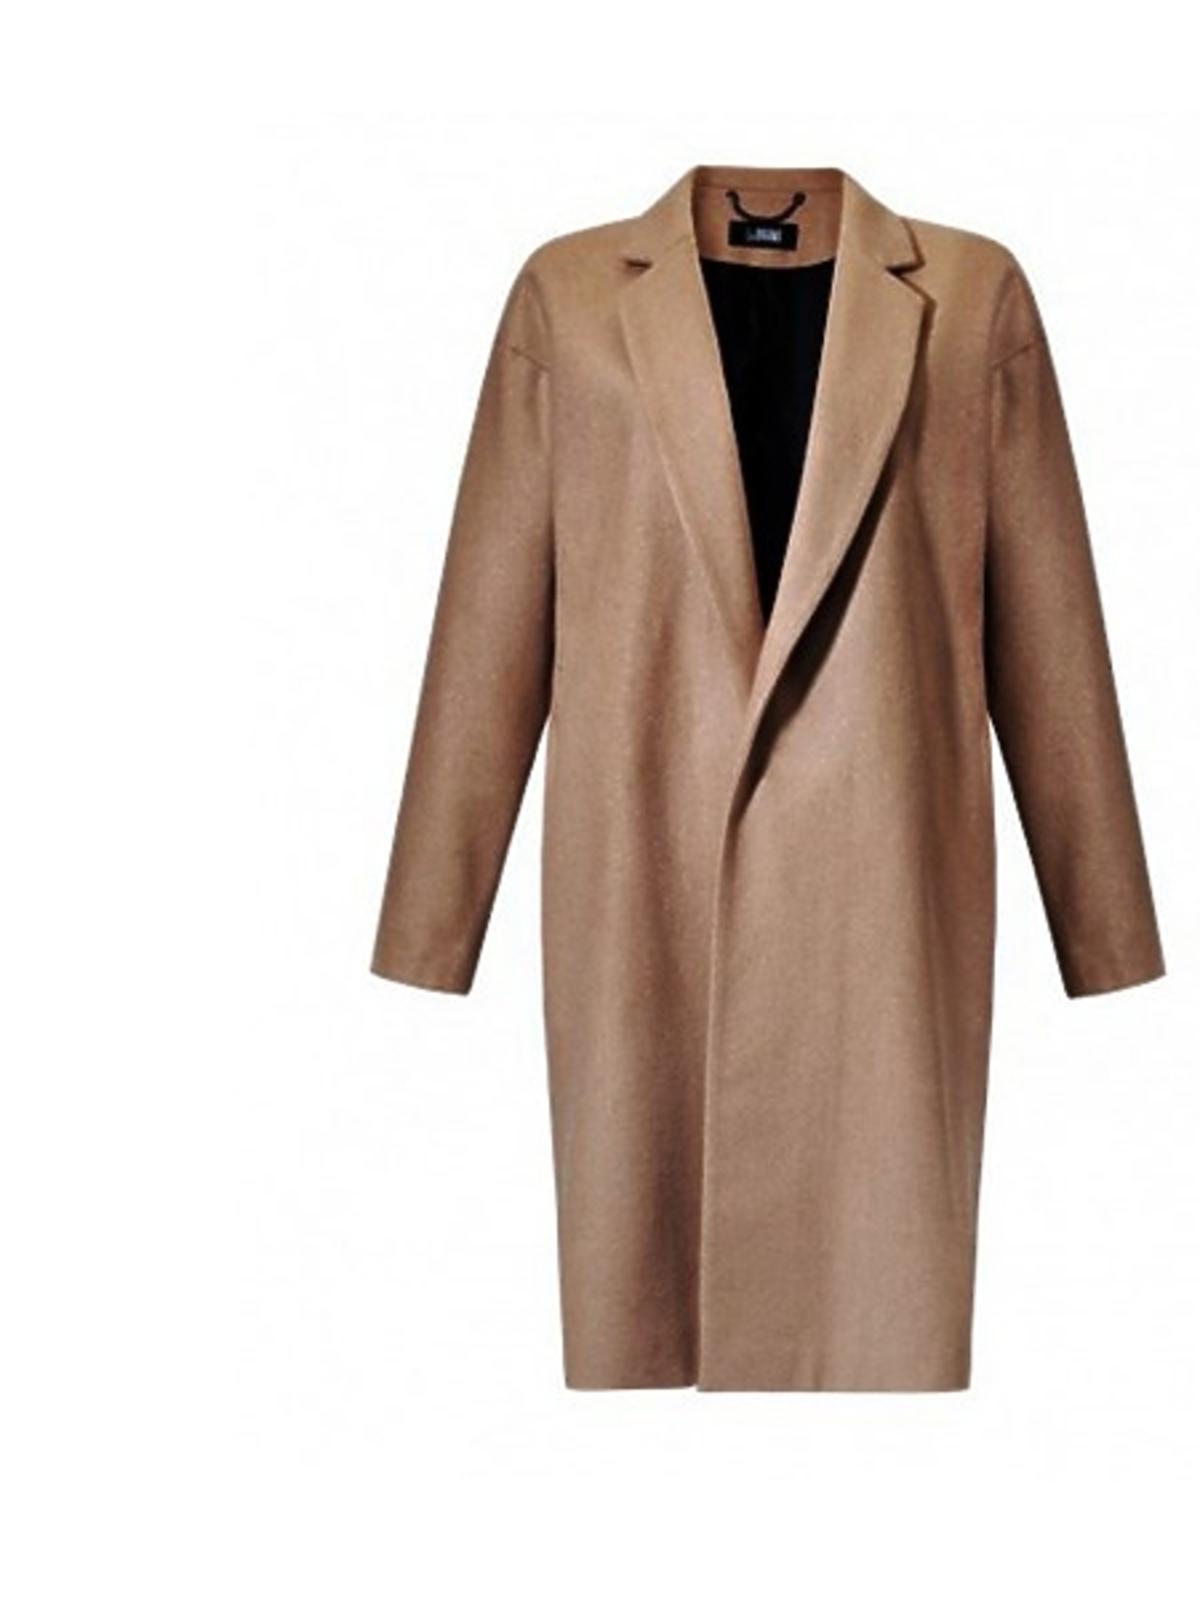 Beżowy płaszcz Lebrand, cena